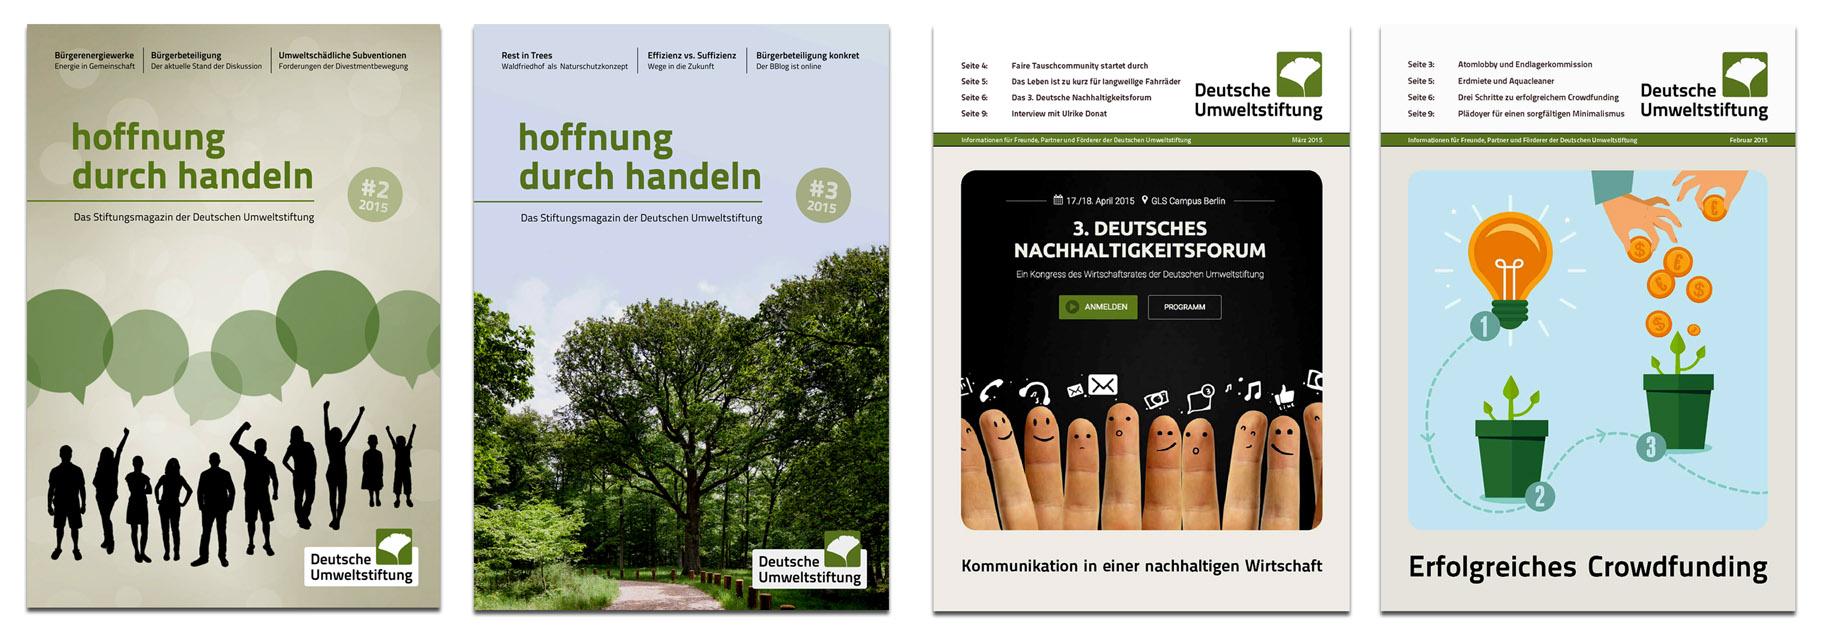 Stiftungsmagazin Deutsche Umweltstiftung